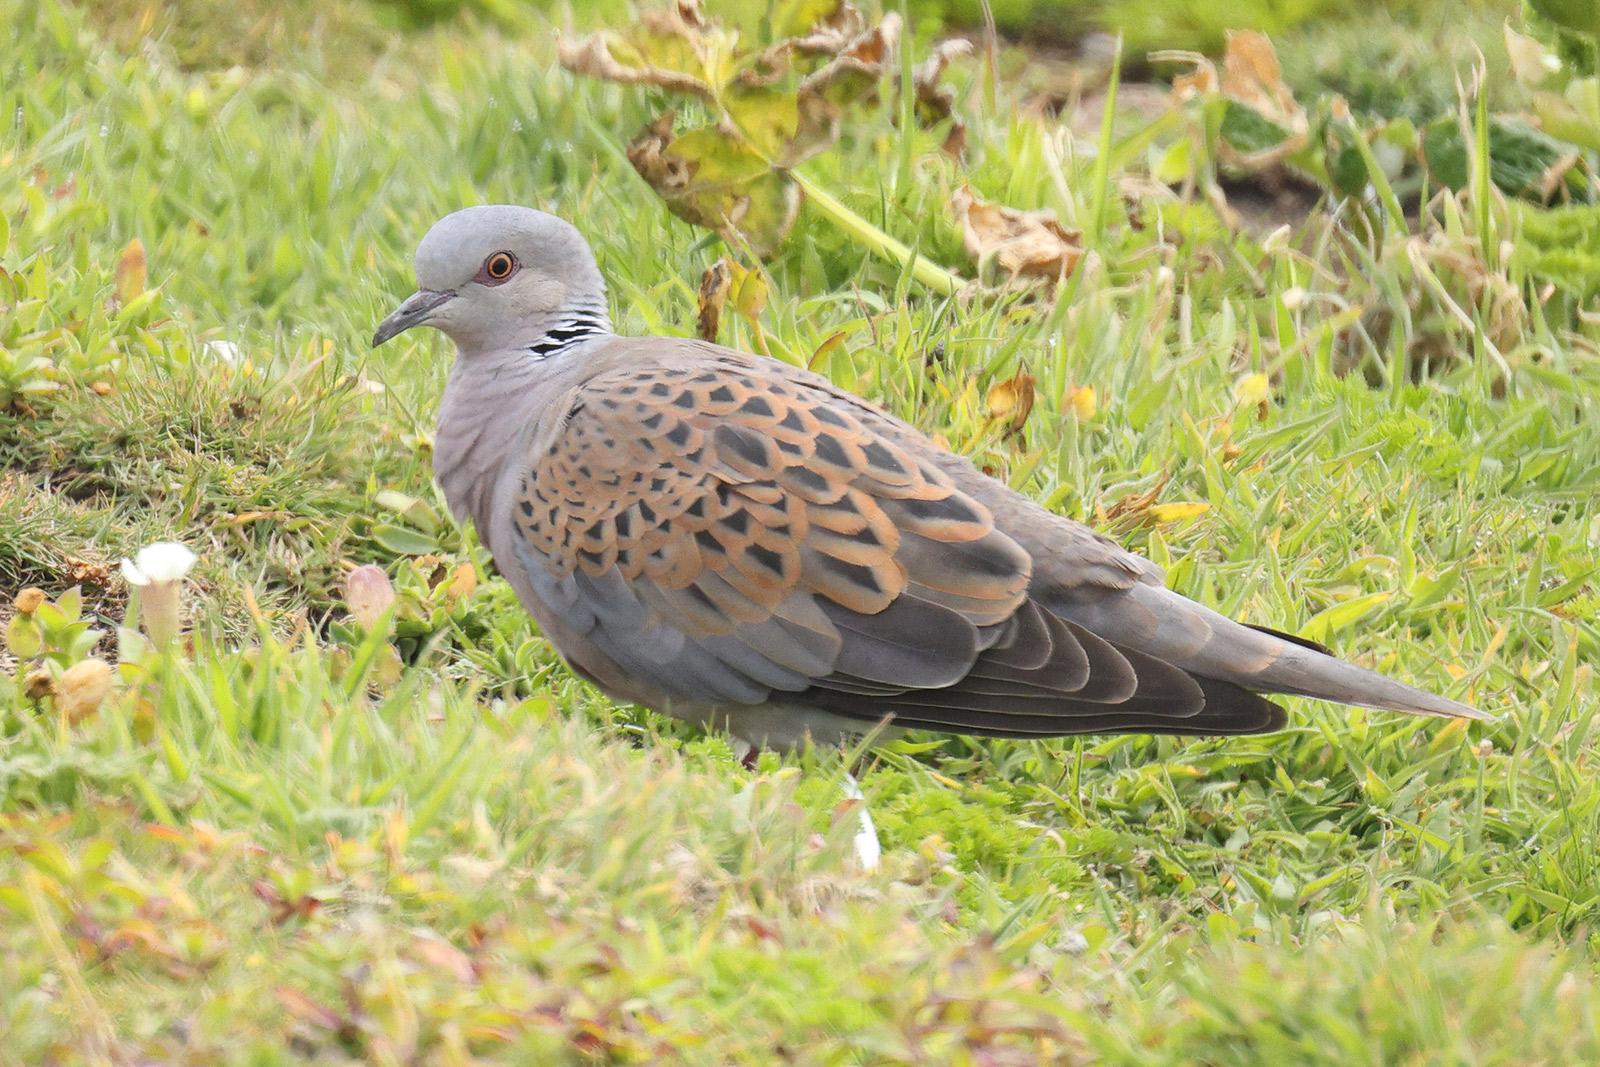 Turtle Dove, Co. Wexford, Ireland.